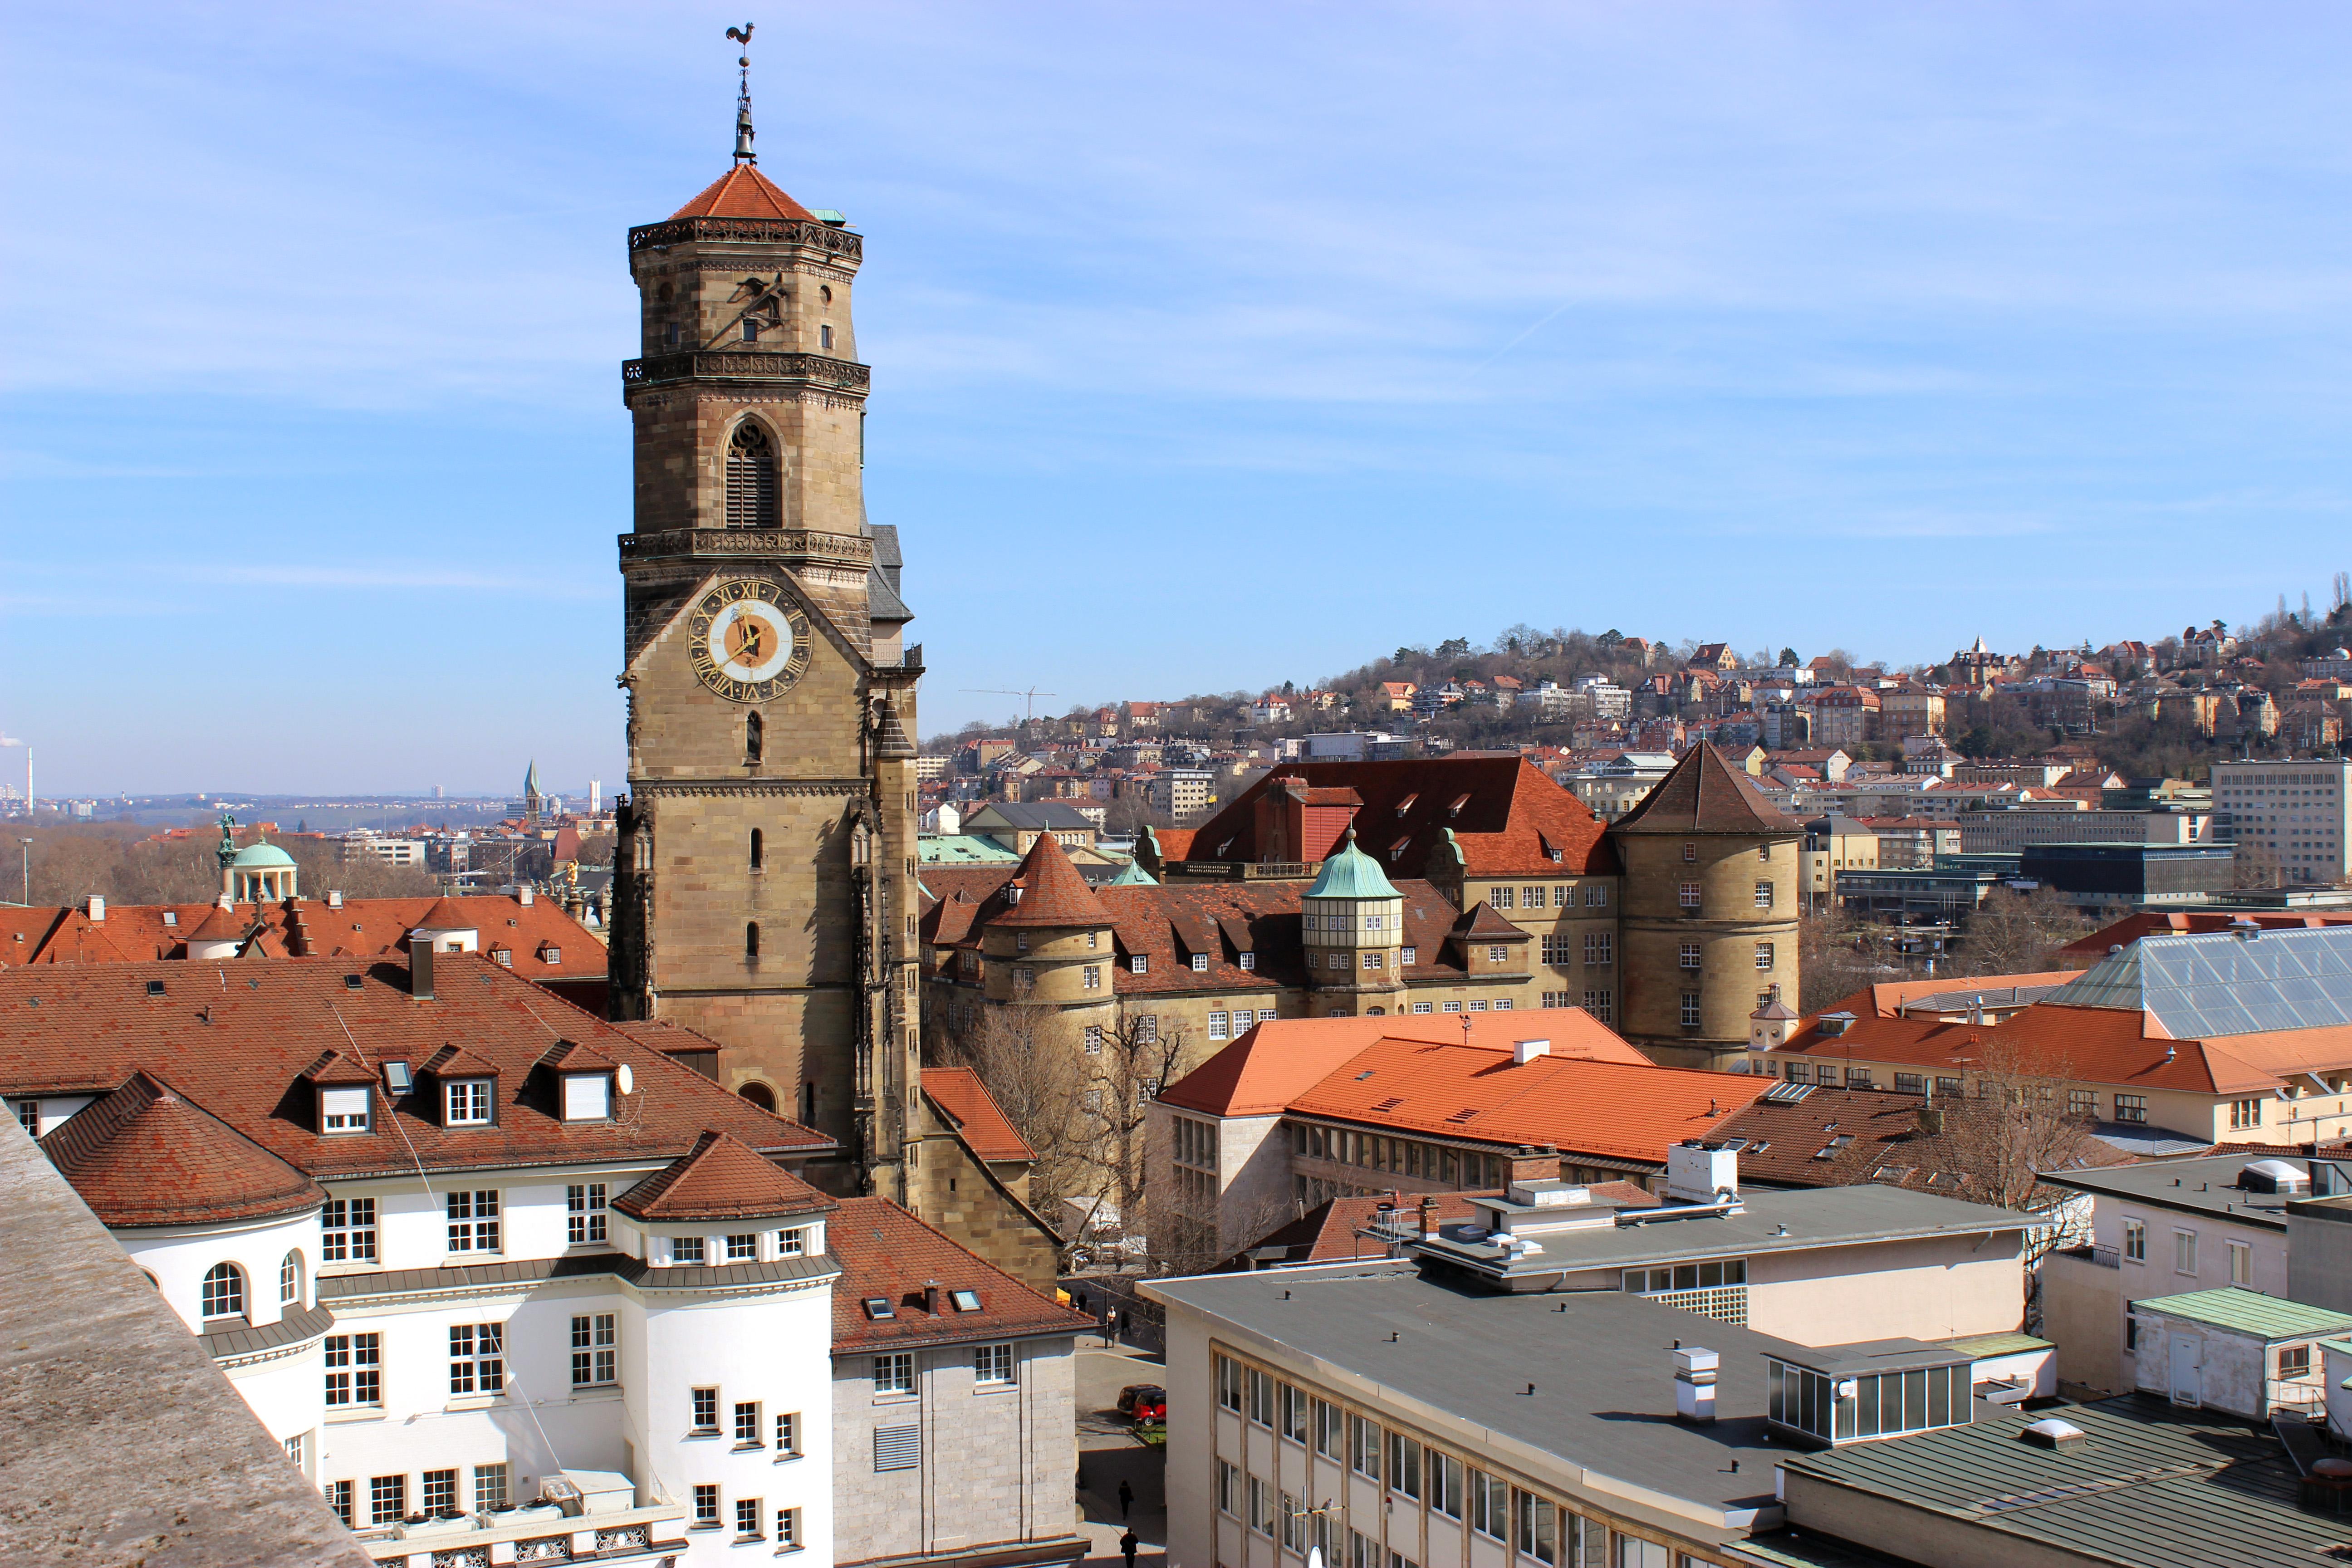 Stuttgart frauen kennenlernen Dating in Stuttgart, Face-to-Face Dating, Face-to-Face Dating